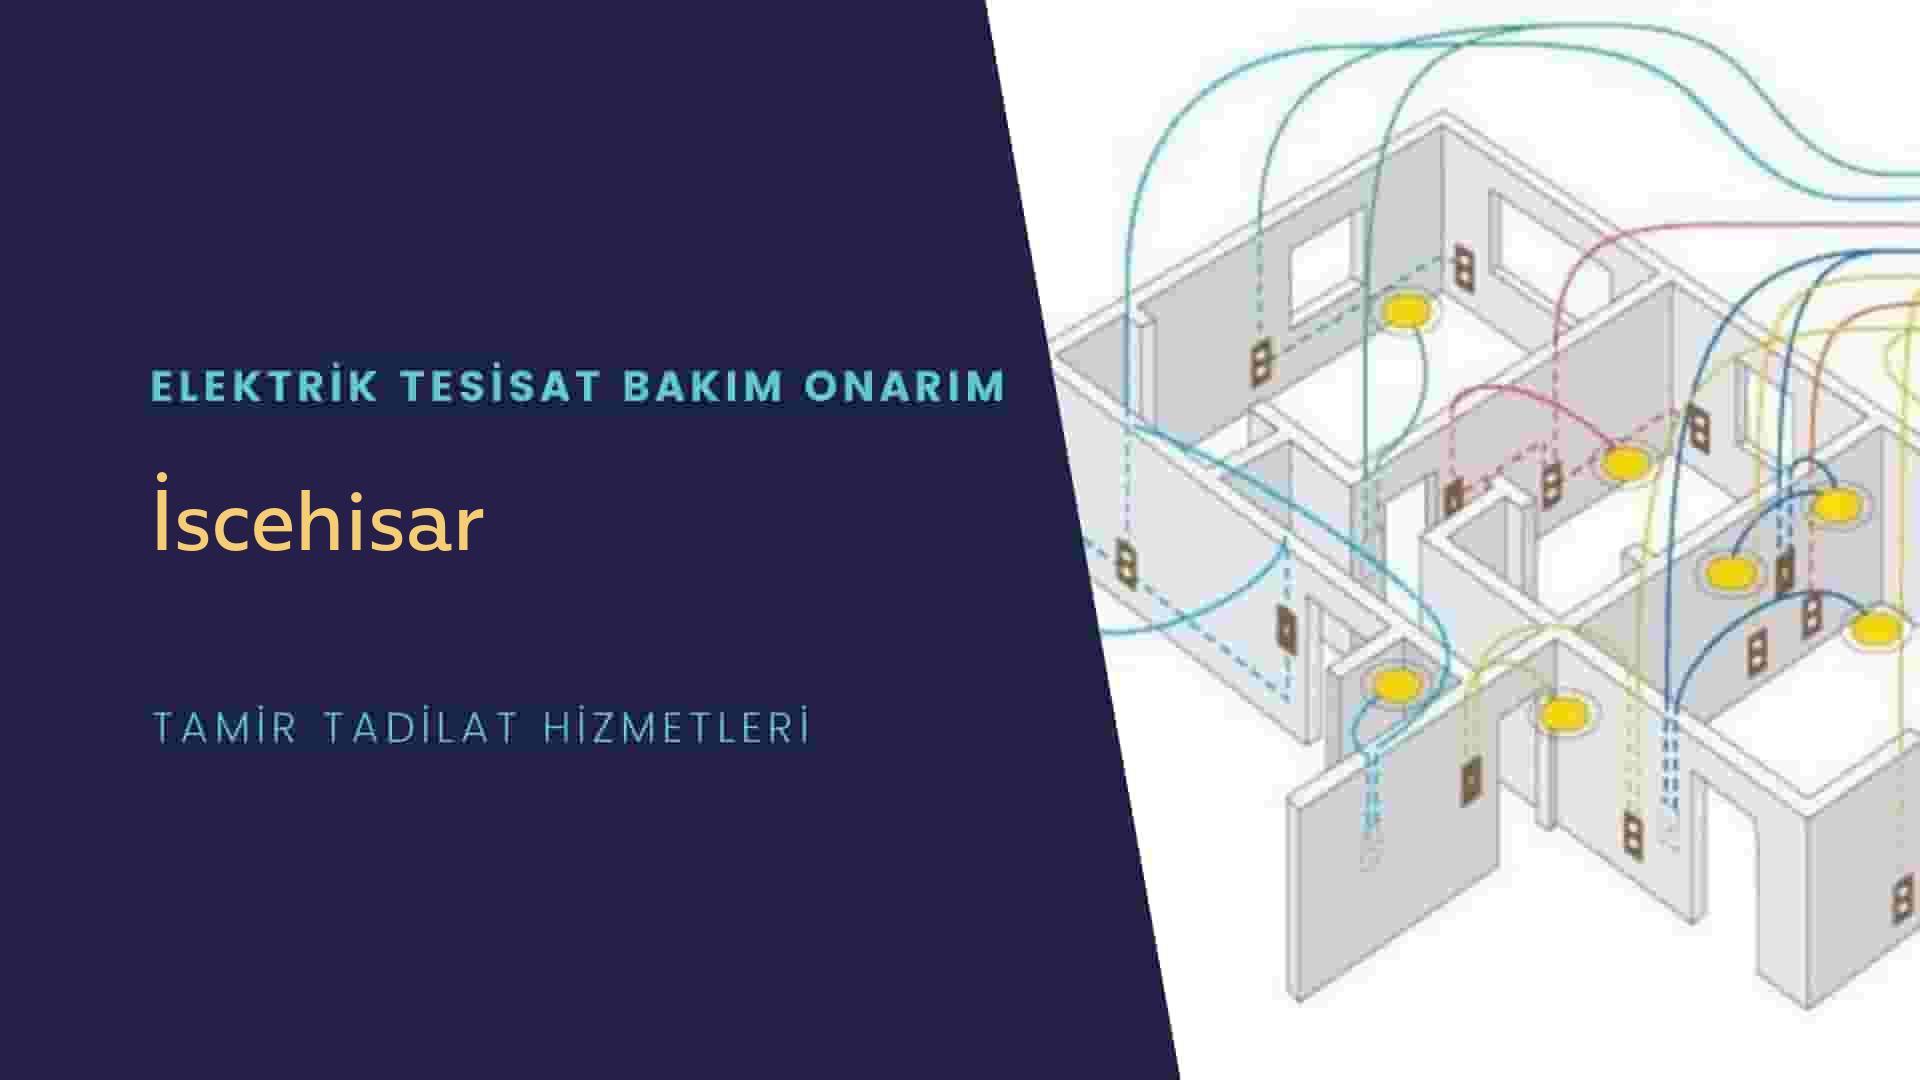 İscehisar'da elektrik tesisatıustalarımı arıyorsunuz doğru adrestenizi İscehisar elektrik tesisatı ustalarımız 7/24 sizlere hizmet vermekten mutluluk duyar.